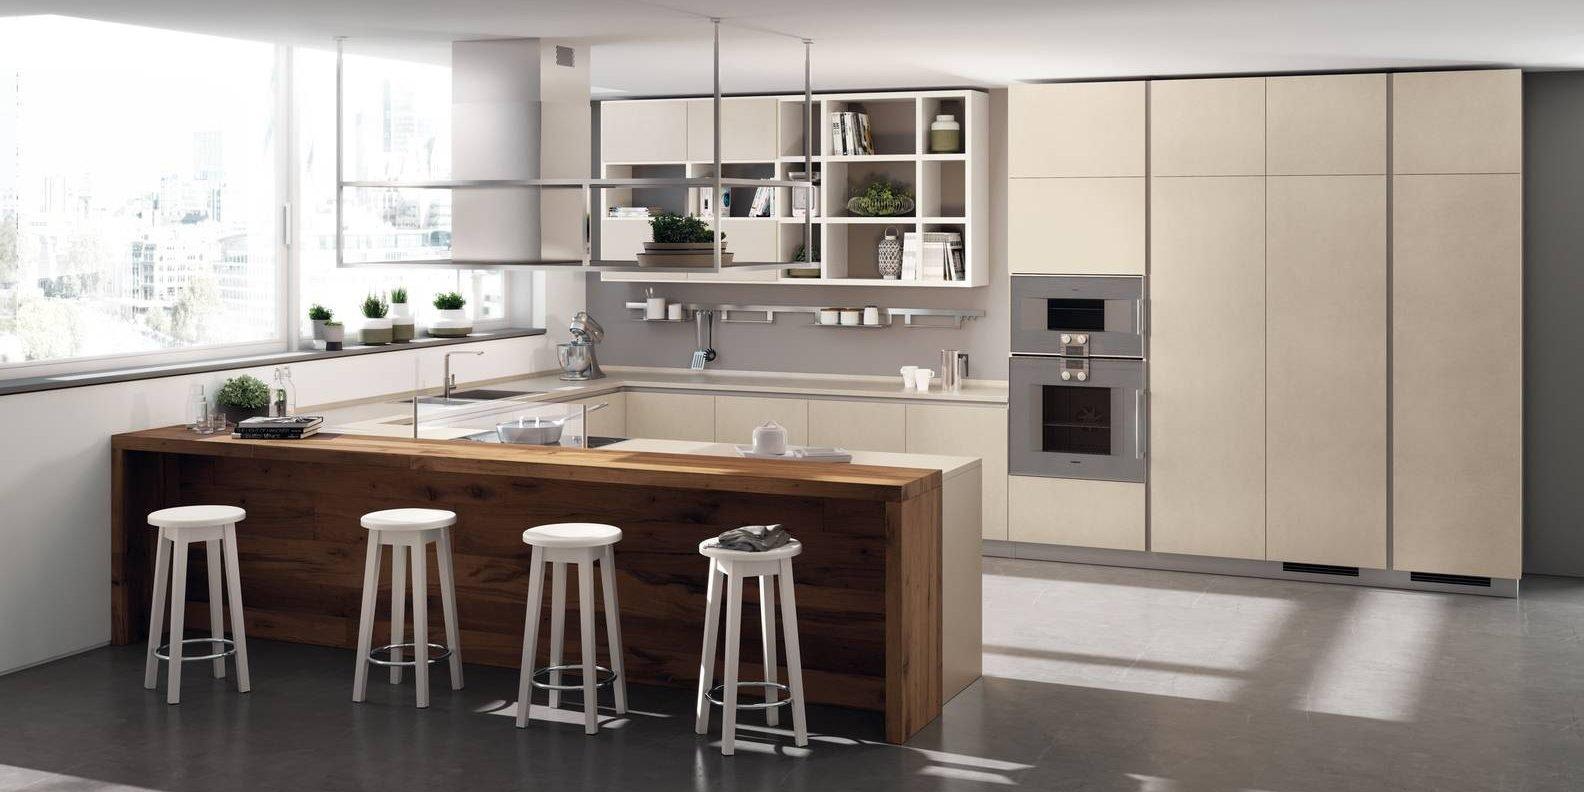 La cucina a U raccolta ergonomica funzionale  Cose di Casa